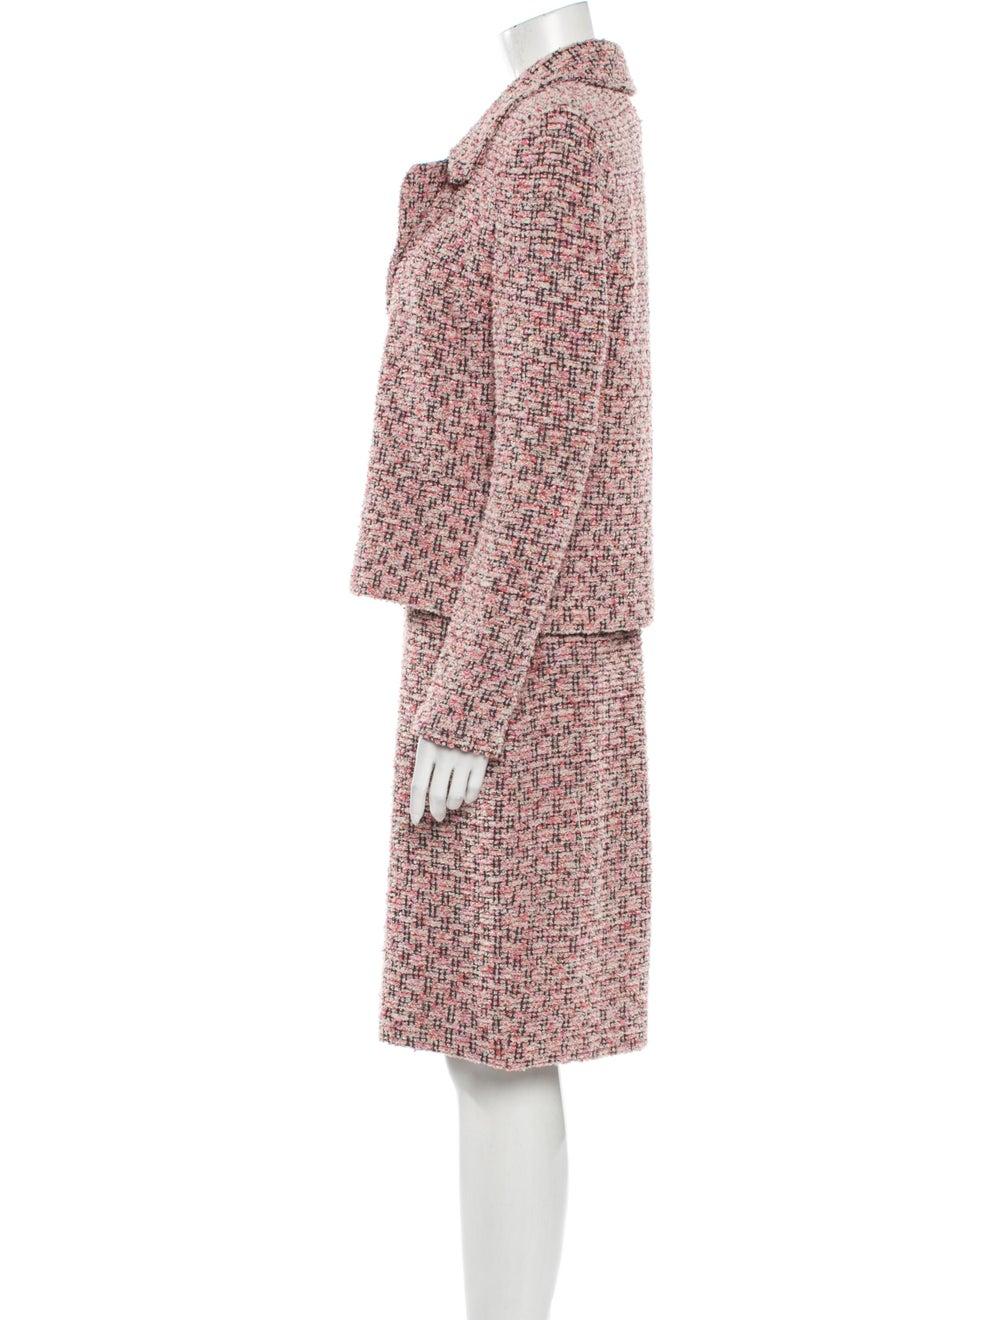 St. John Tweed Pattern Dress Set Pink - image 2